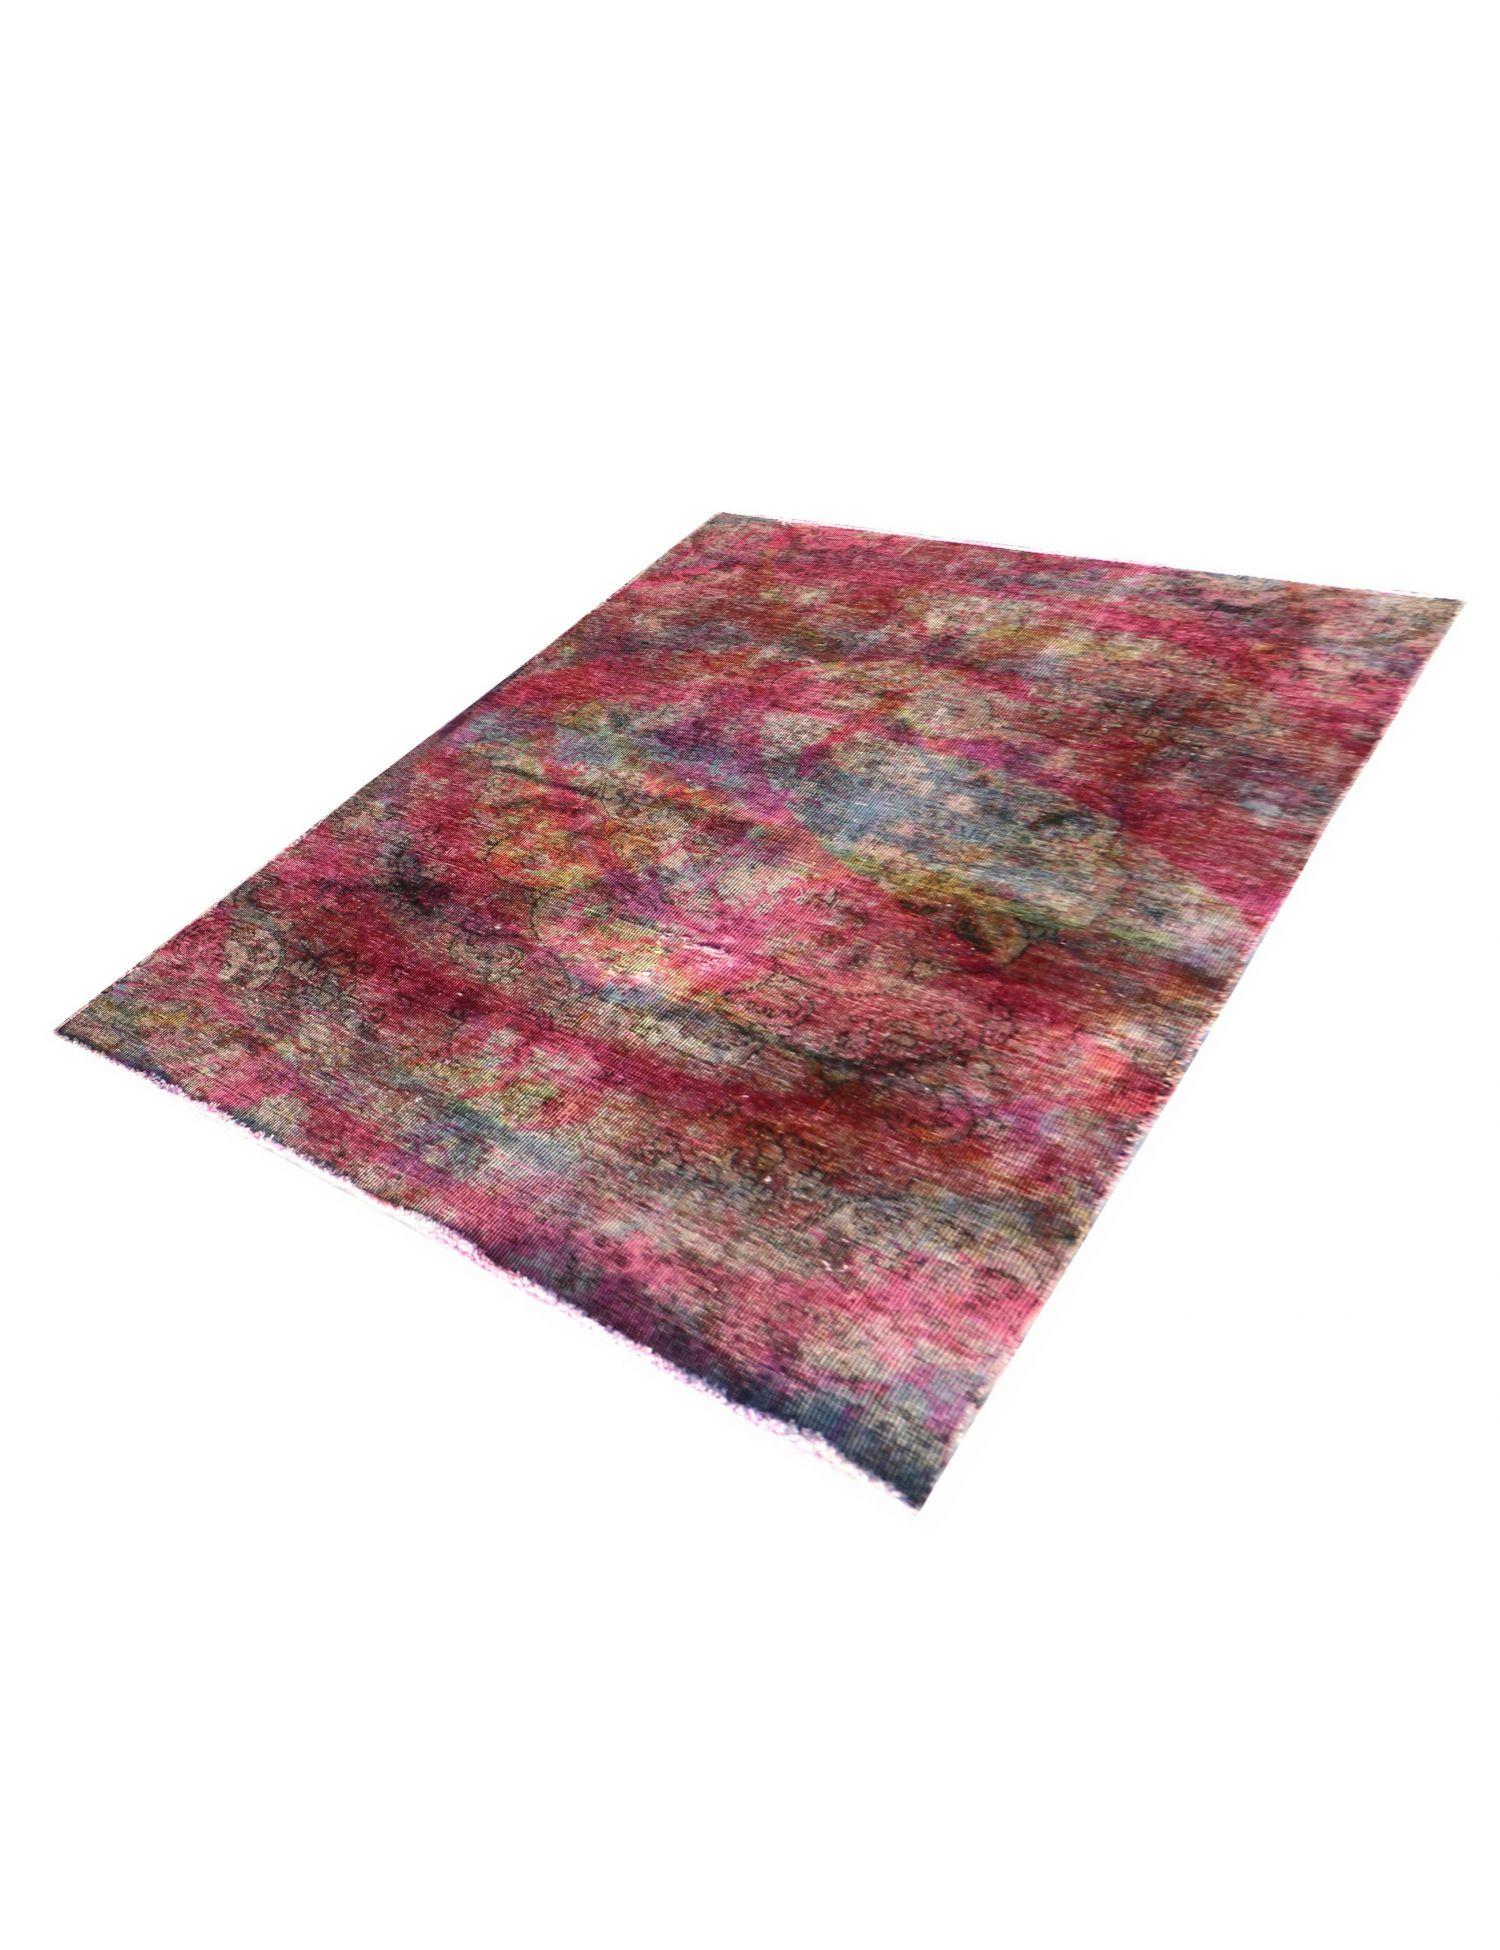 Vintage Perserteppich  mehrfarbig <br/>205 x 112 cm